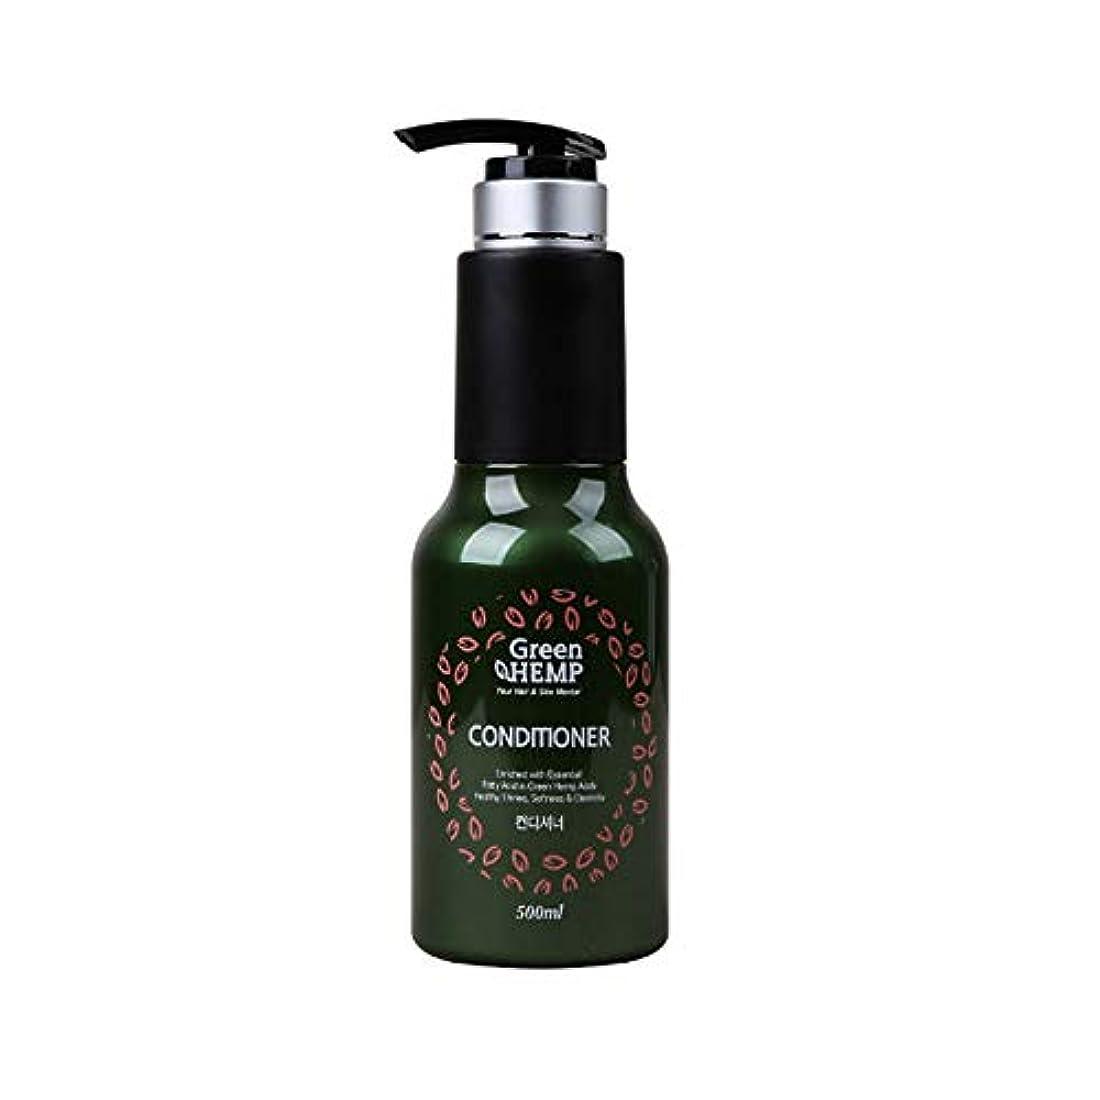 オーバーコートモナリザ汚染ChungSam グリーン ヘンプ 麻 Green hempヘア ケア コンディショナー (500ml) [並行輸入品]